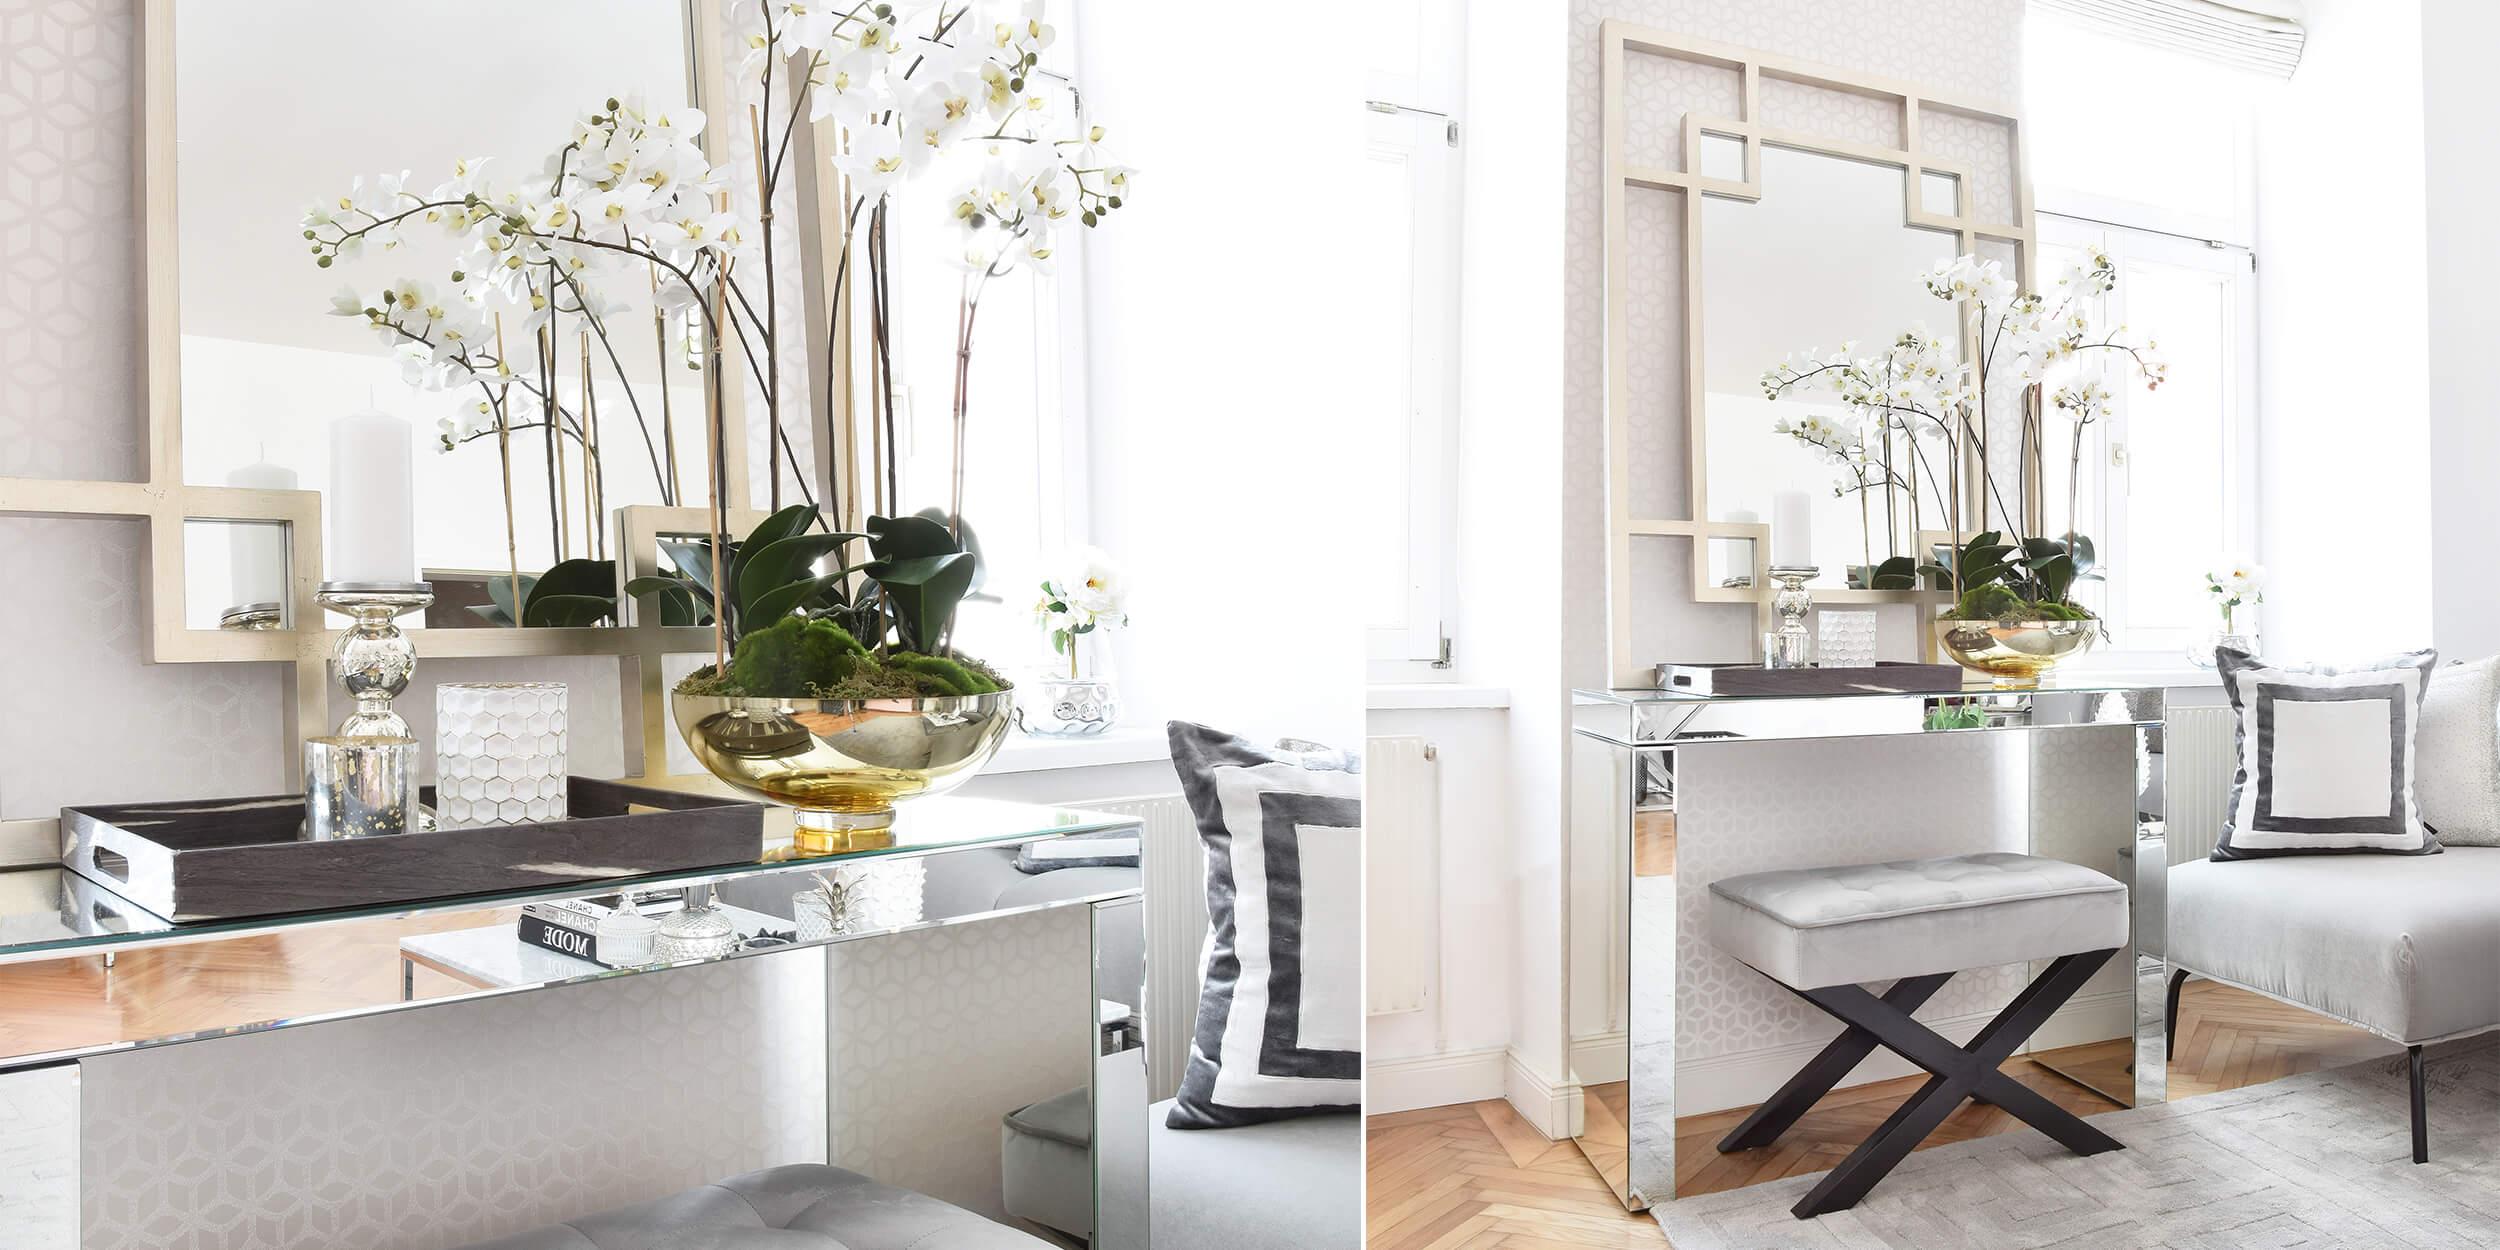 Elegant & Stylish: Verspiegelte Konsole